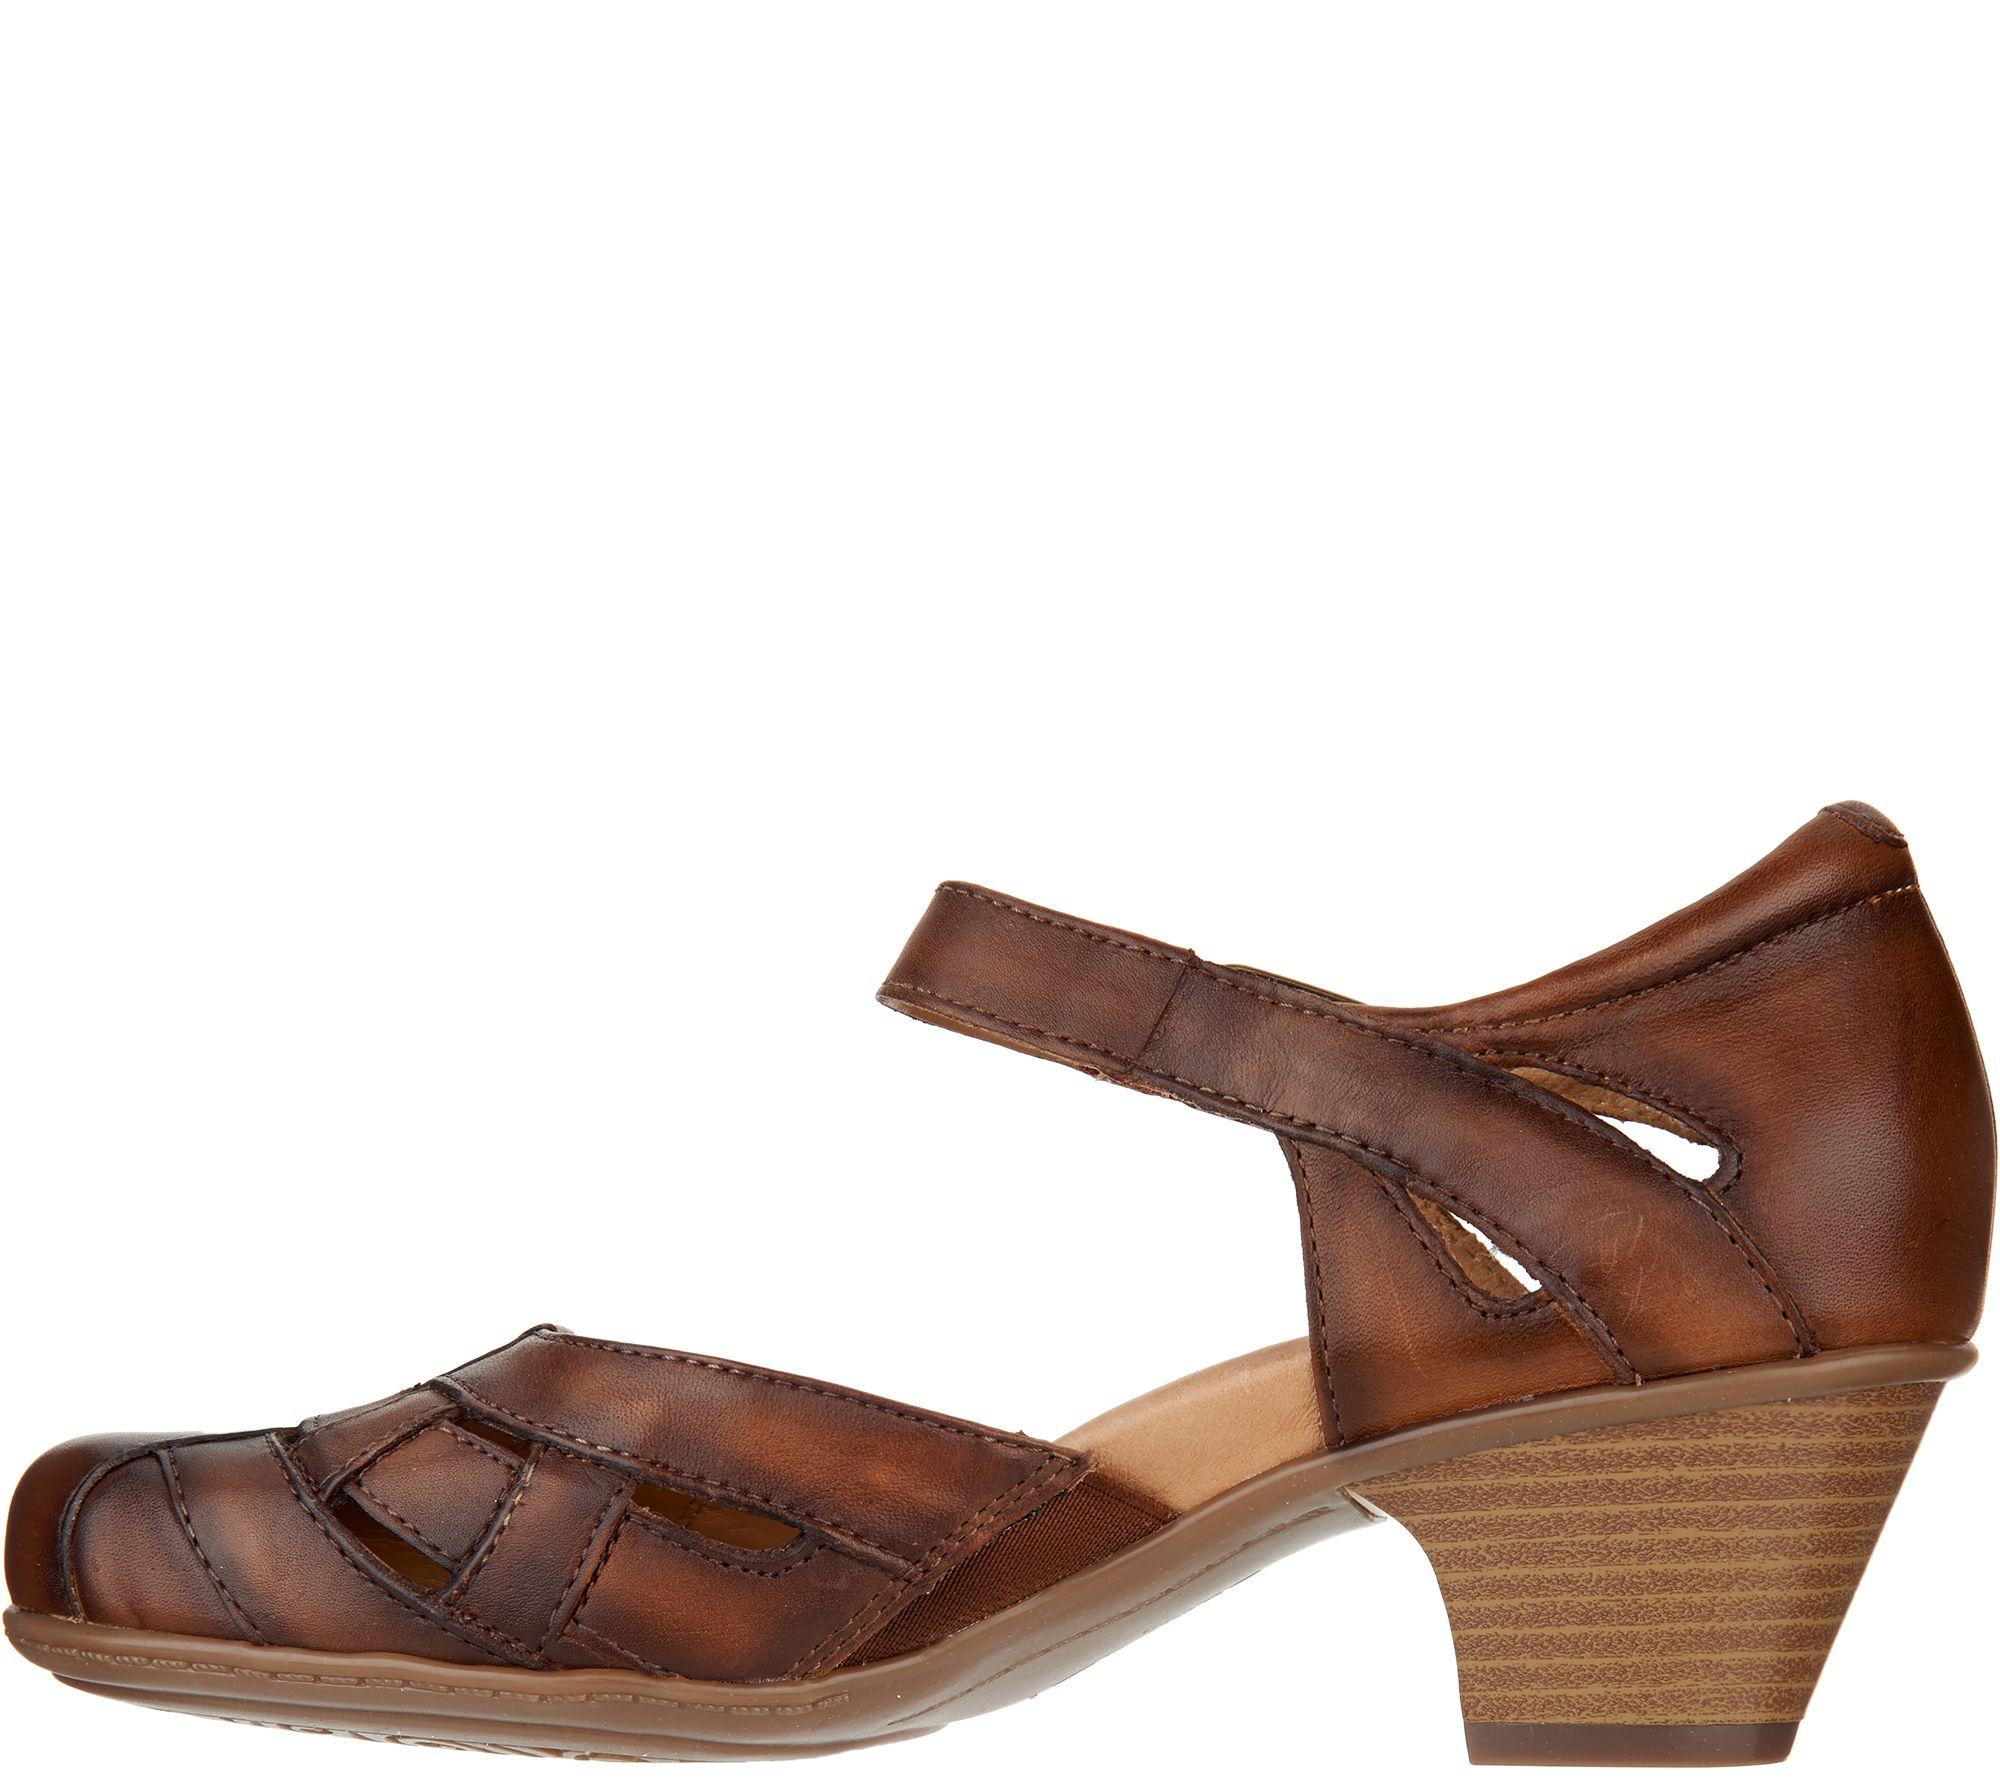 Women's sandals that hide bunions - Women's Sandals That Hide Bunions 32